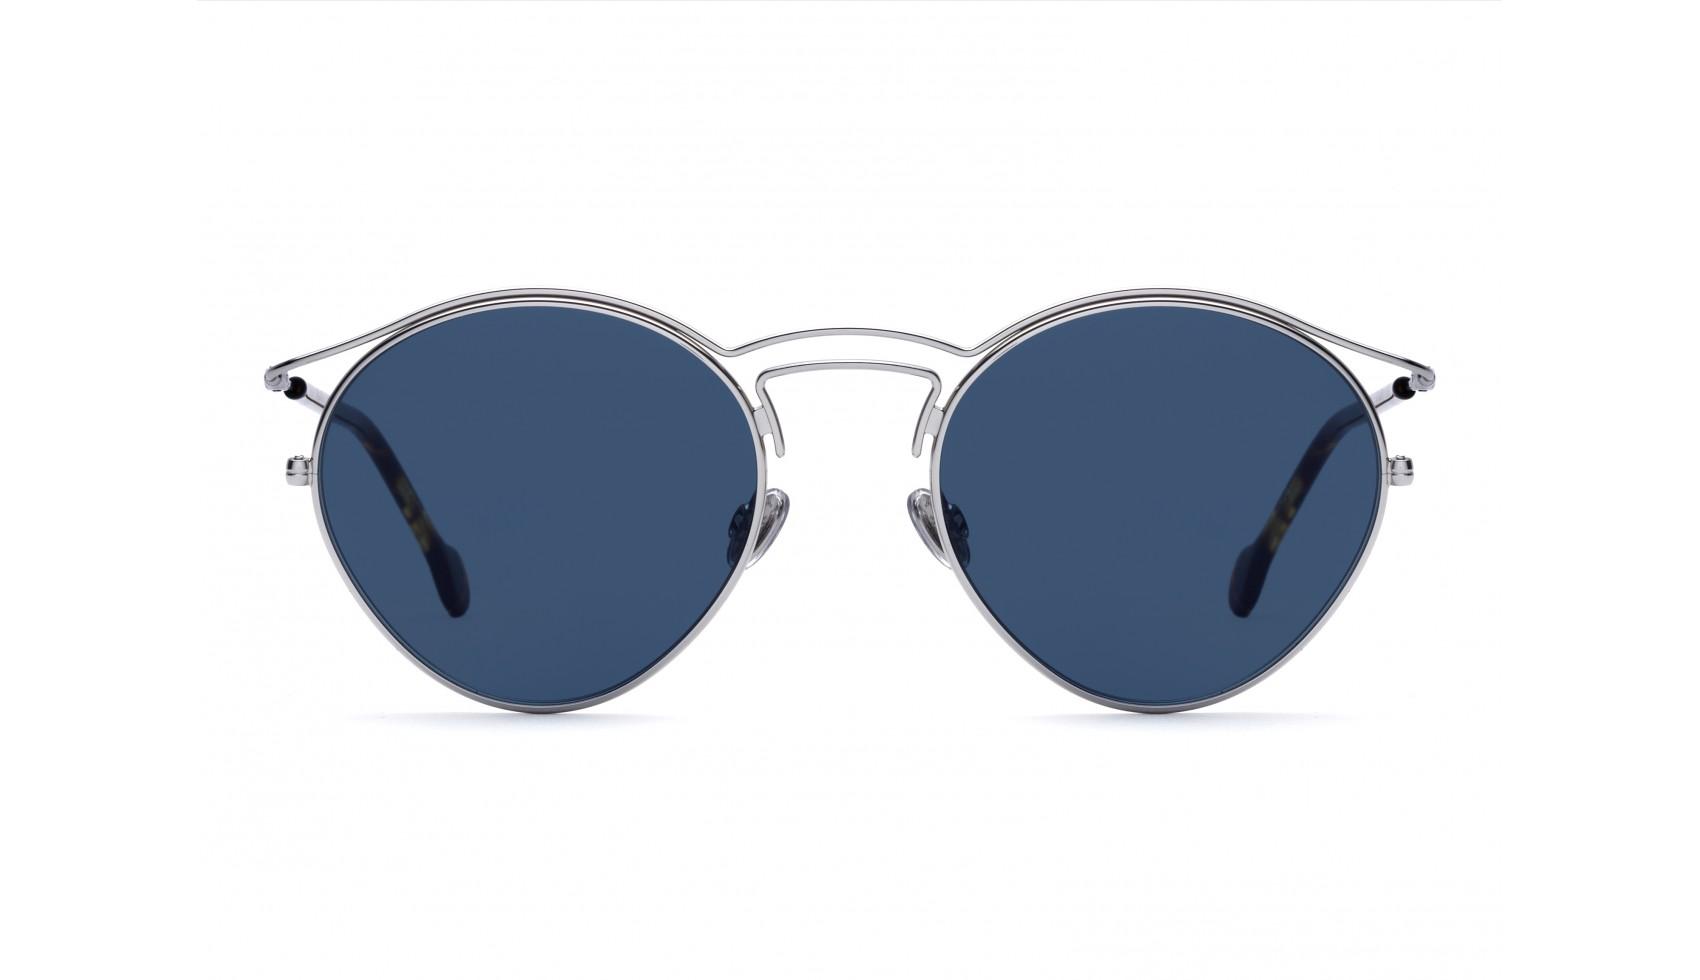 ae3b00c58 ... من ديور بين خفة الوزن والجودة العالية في ذات الوقت للمحافظة على إطلالتك  المتميزة في الأيام المشمسة مما يجعلها من أفضل موديلات نظارات ديور 2019  للرجل.